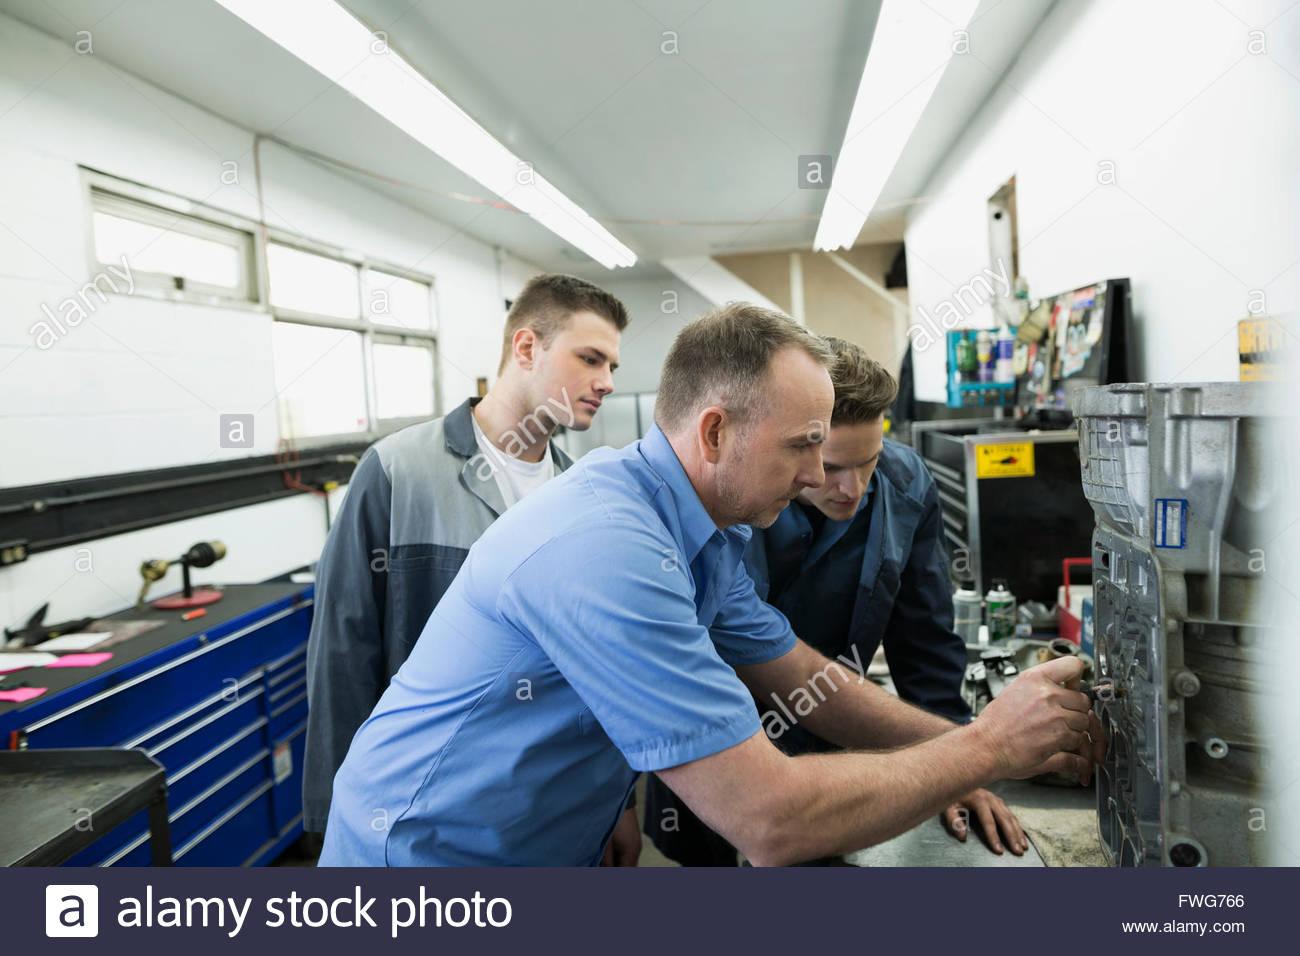 Mechanics examining part in auto repair shop - Stock Image